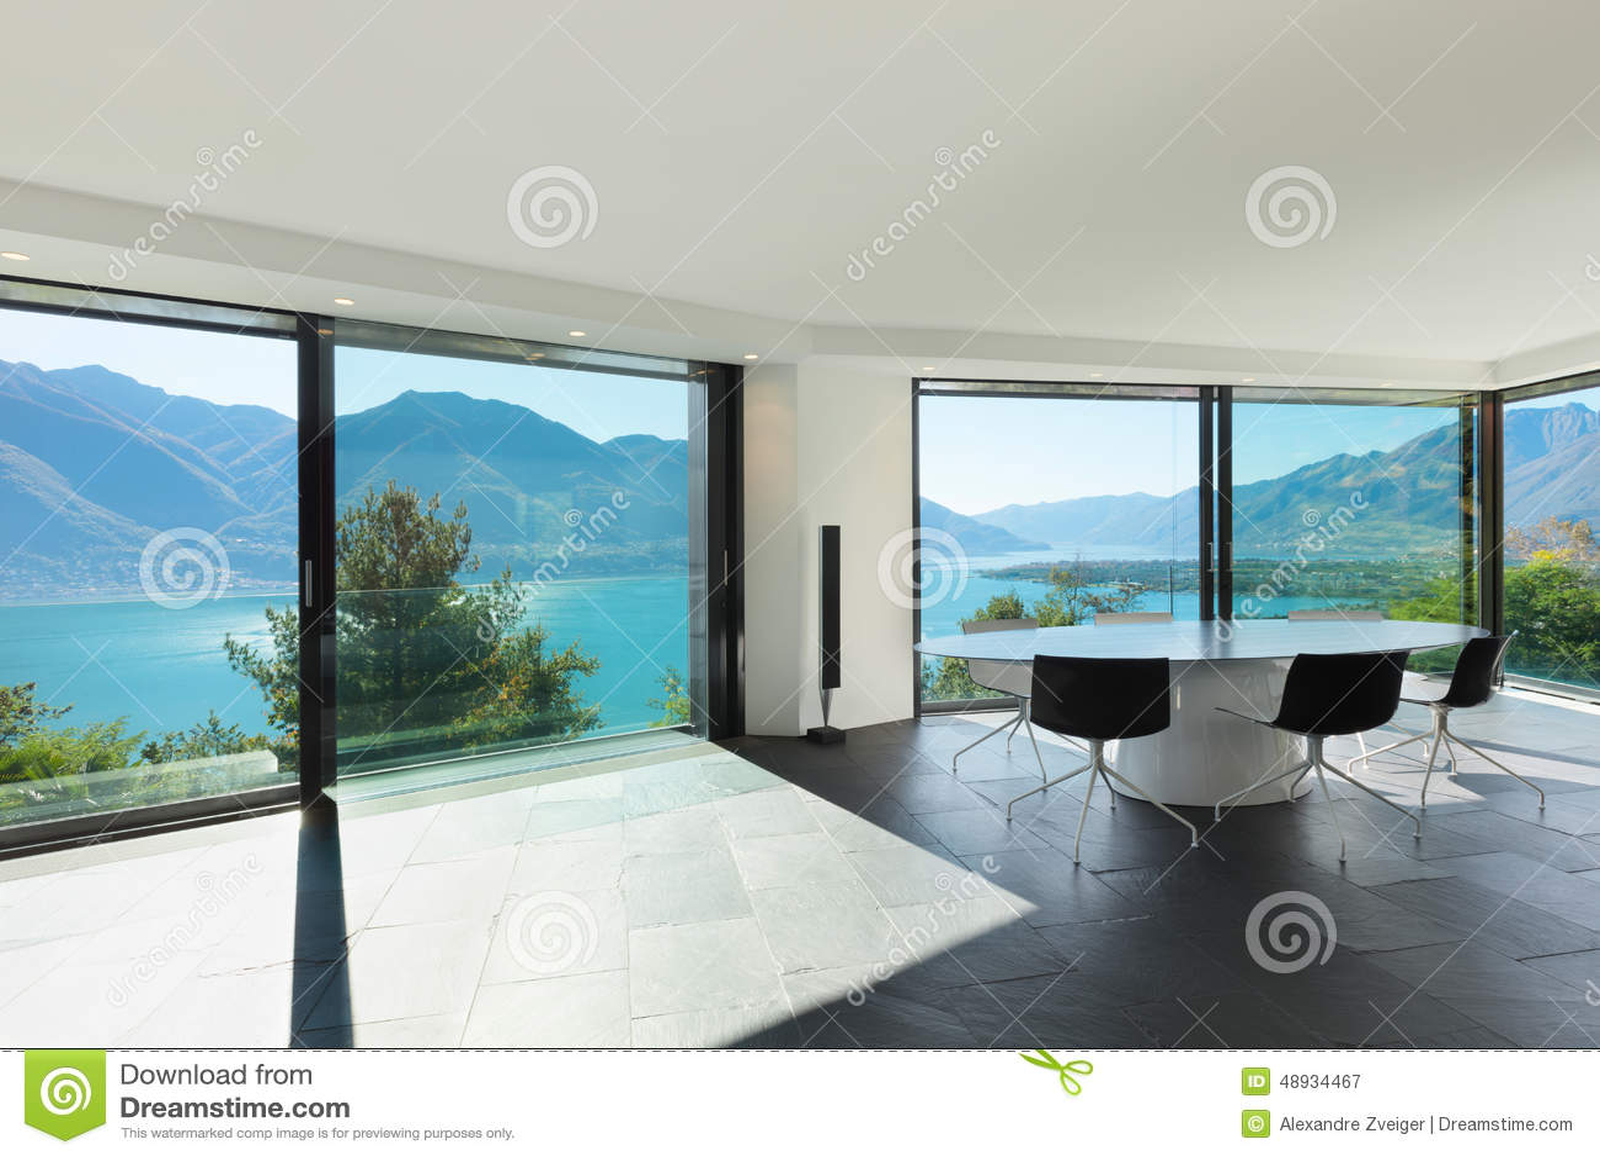 Innen-, Modernes Haus, Esszimmer Stockbild - Bild von modern, sonnig ...